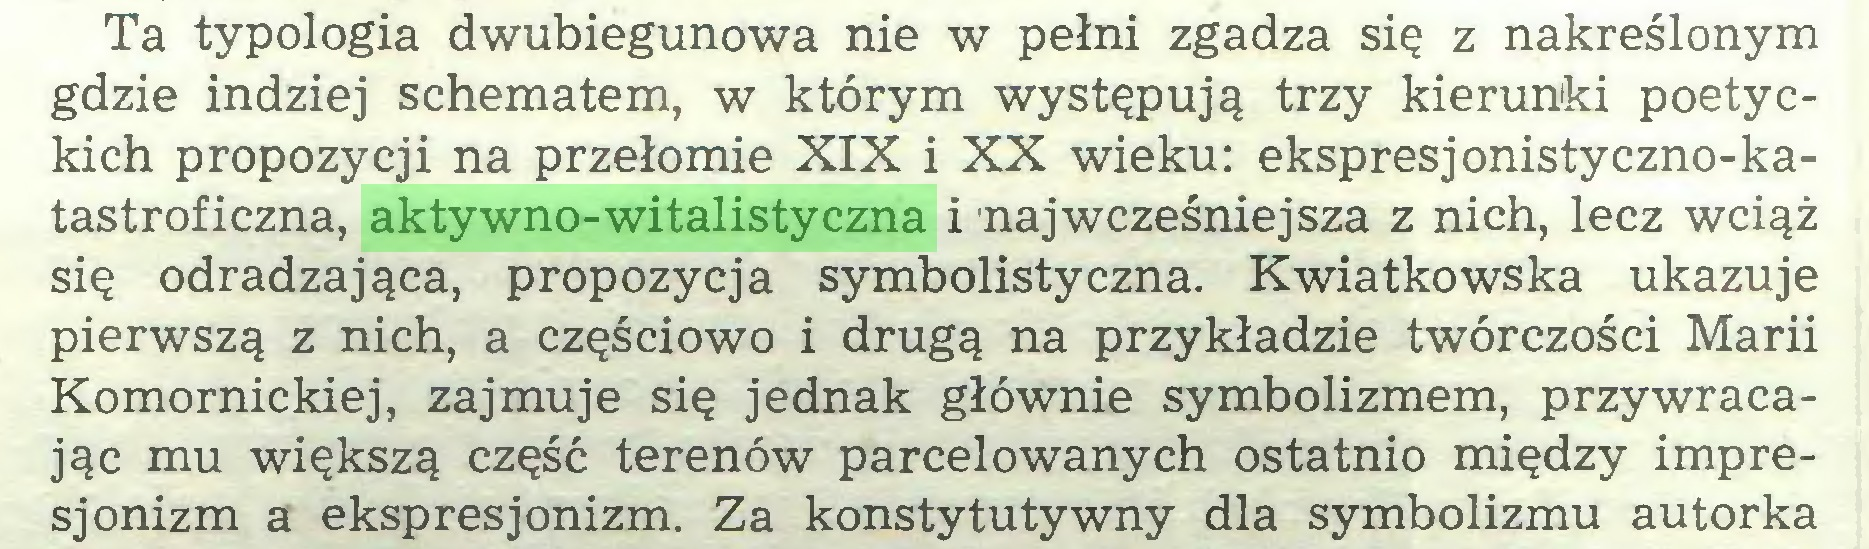 (...) Ta typologia dwubiegunowa nie w pełni zgadza się z nakreślonym gdzie indziej schematem, w którym występują trzy kierunki poetyckich propozycji na przełomie XIX i XX wieku: ekspresjonistyczno-katastroficzna, aktywno-witalistyczna i najwcześniejsza z nich, lecz wciąż się odradzająca, propozycja symbolistyczna. Kwiatkowska ukazuje pierwszą z nich, a częściowo i drugą na przykładzie twórczości Marii Komornickiej, zajmuje się jednak głównie symbolizmem, przywracając mu większą część terenów parcelowanych ostatnio między impresjonizm a ekspresjonizm. Za konstytutywny dla symbolizmu autorka...